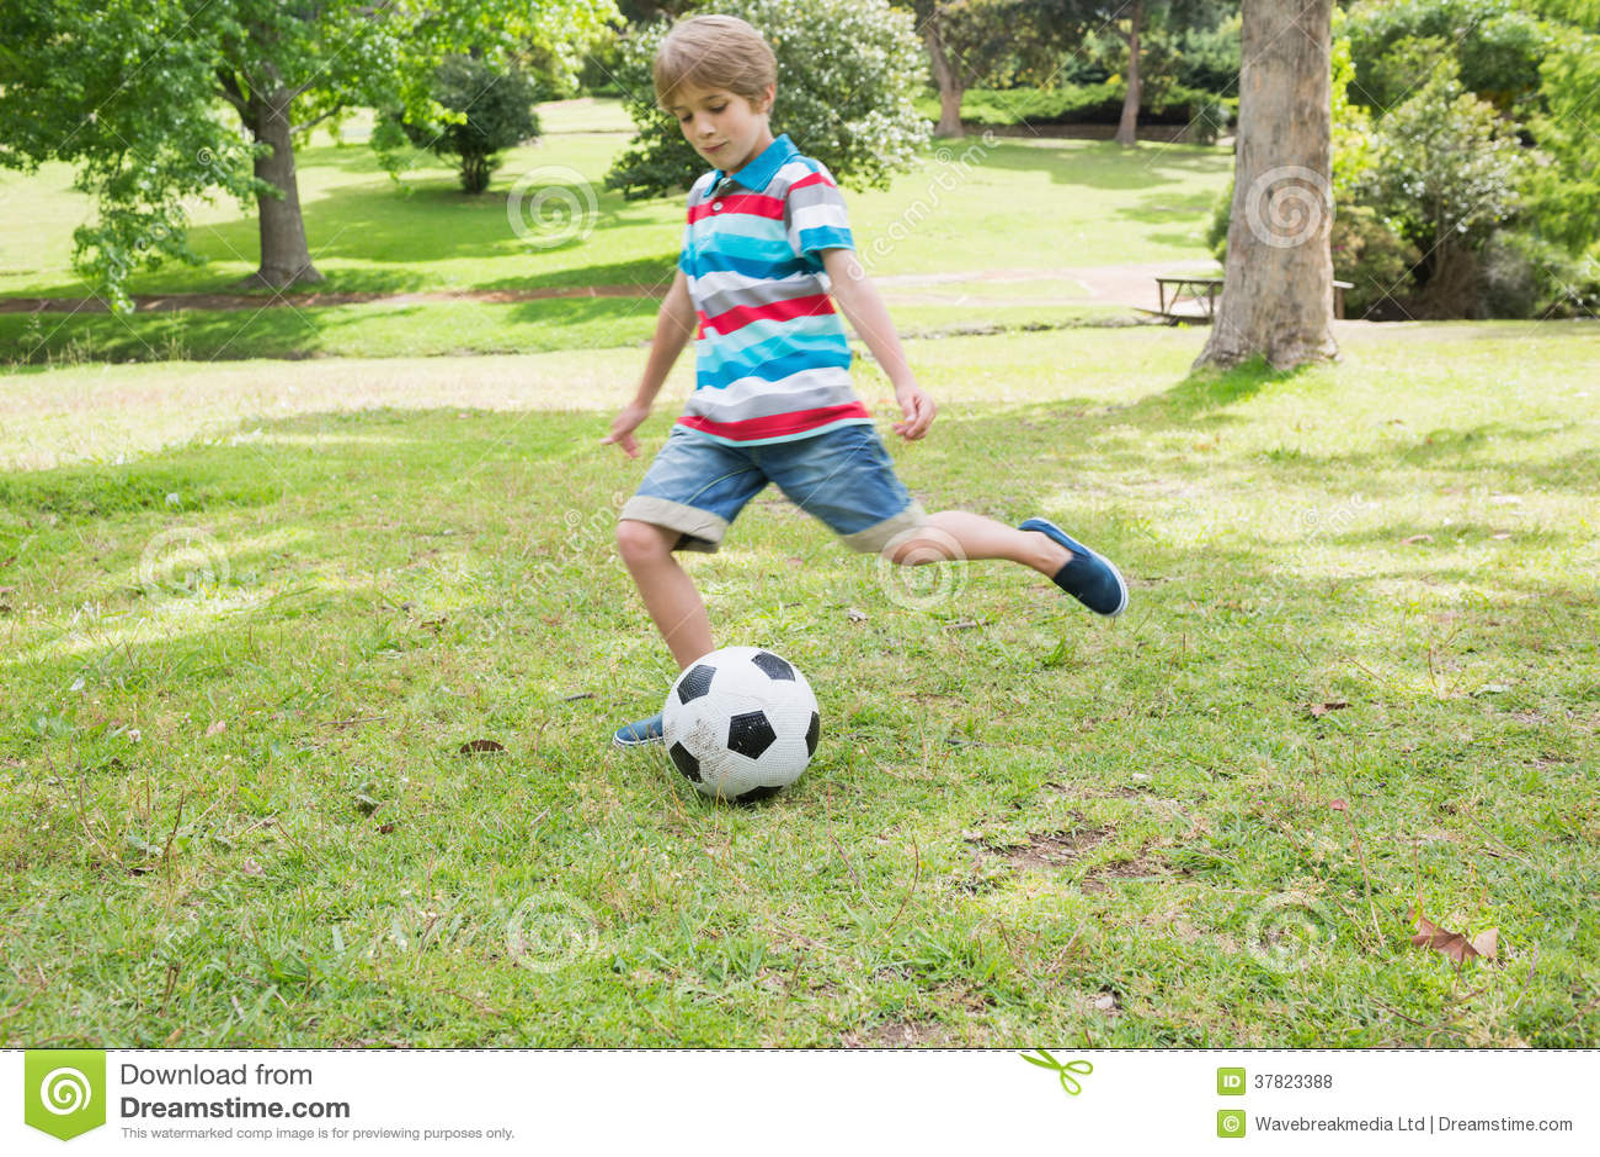 Full length of a boy kicking ball at park